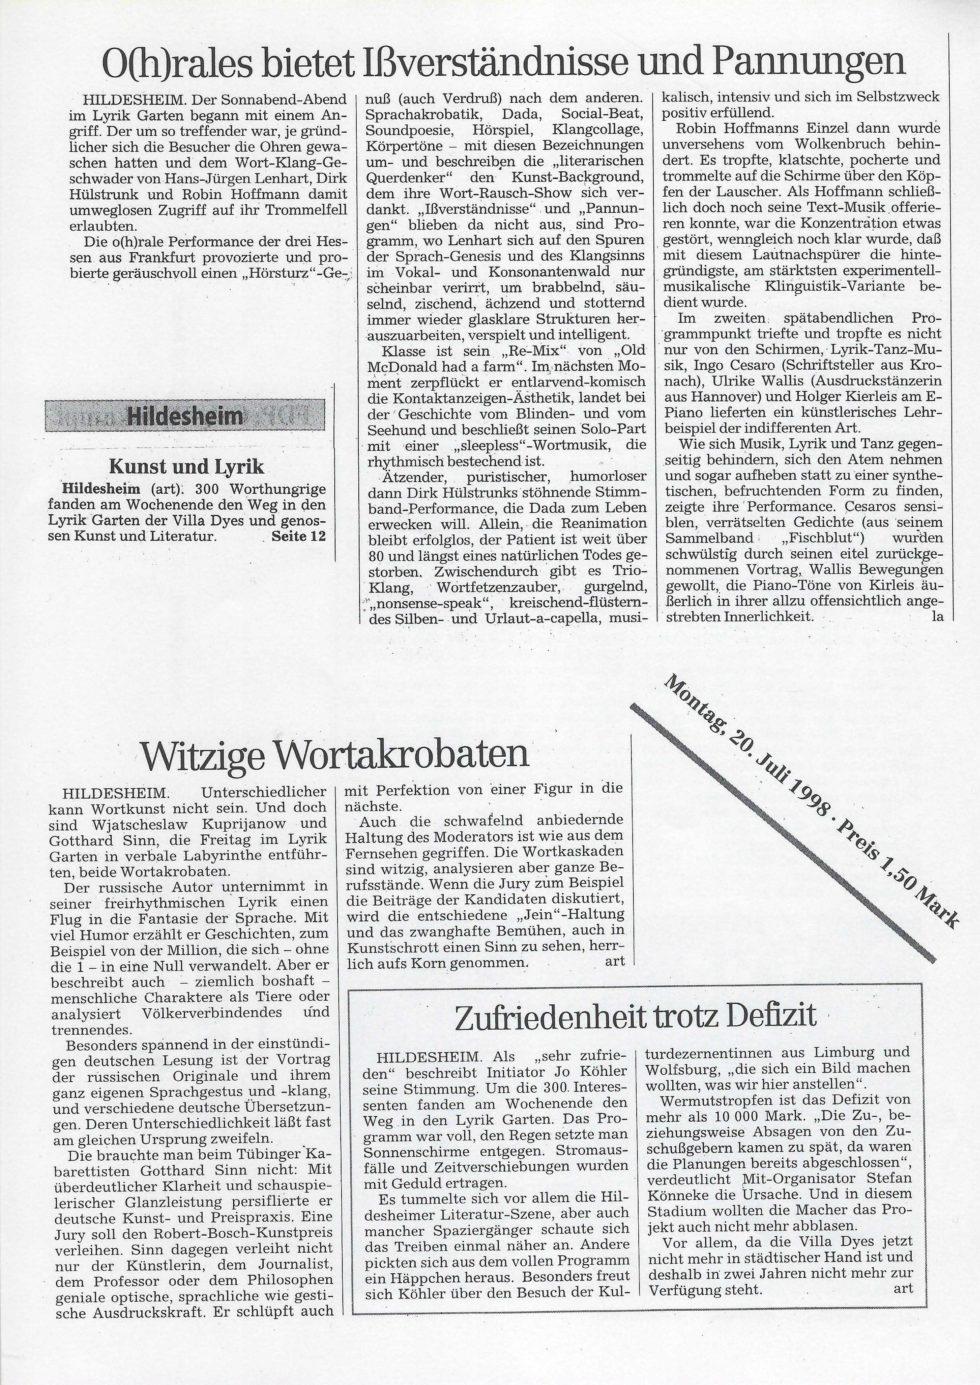 1998 LyrikGarten, LiteraTalk, Politisches_Seite_14